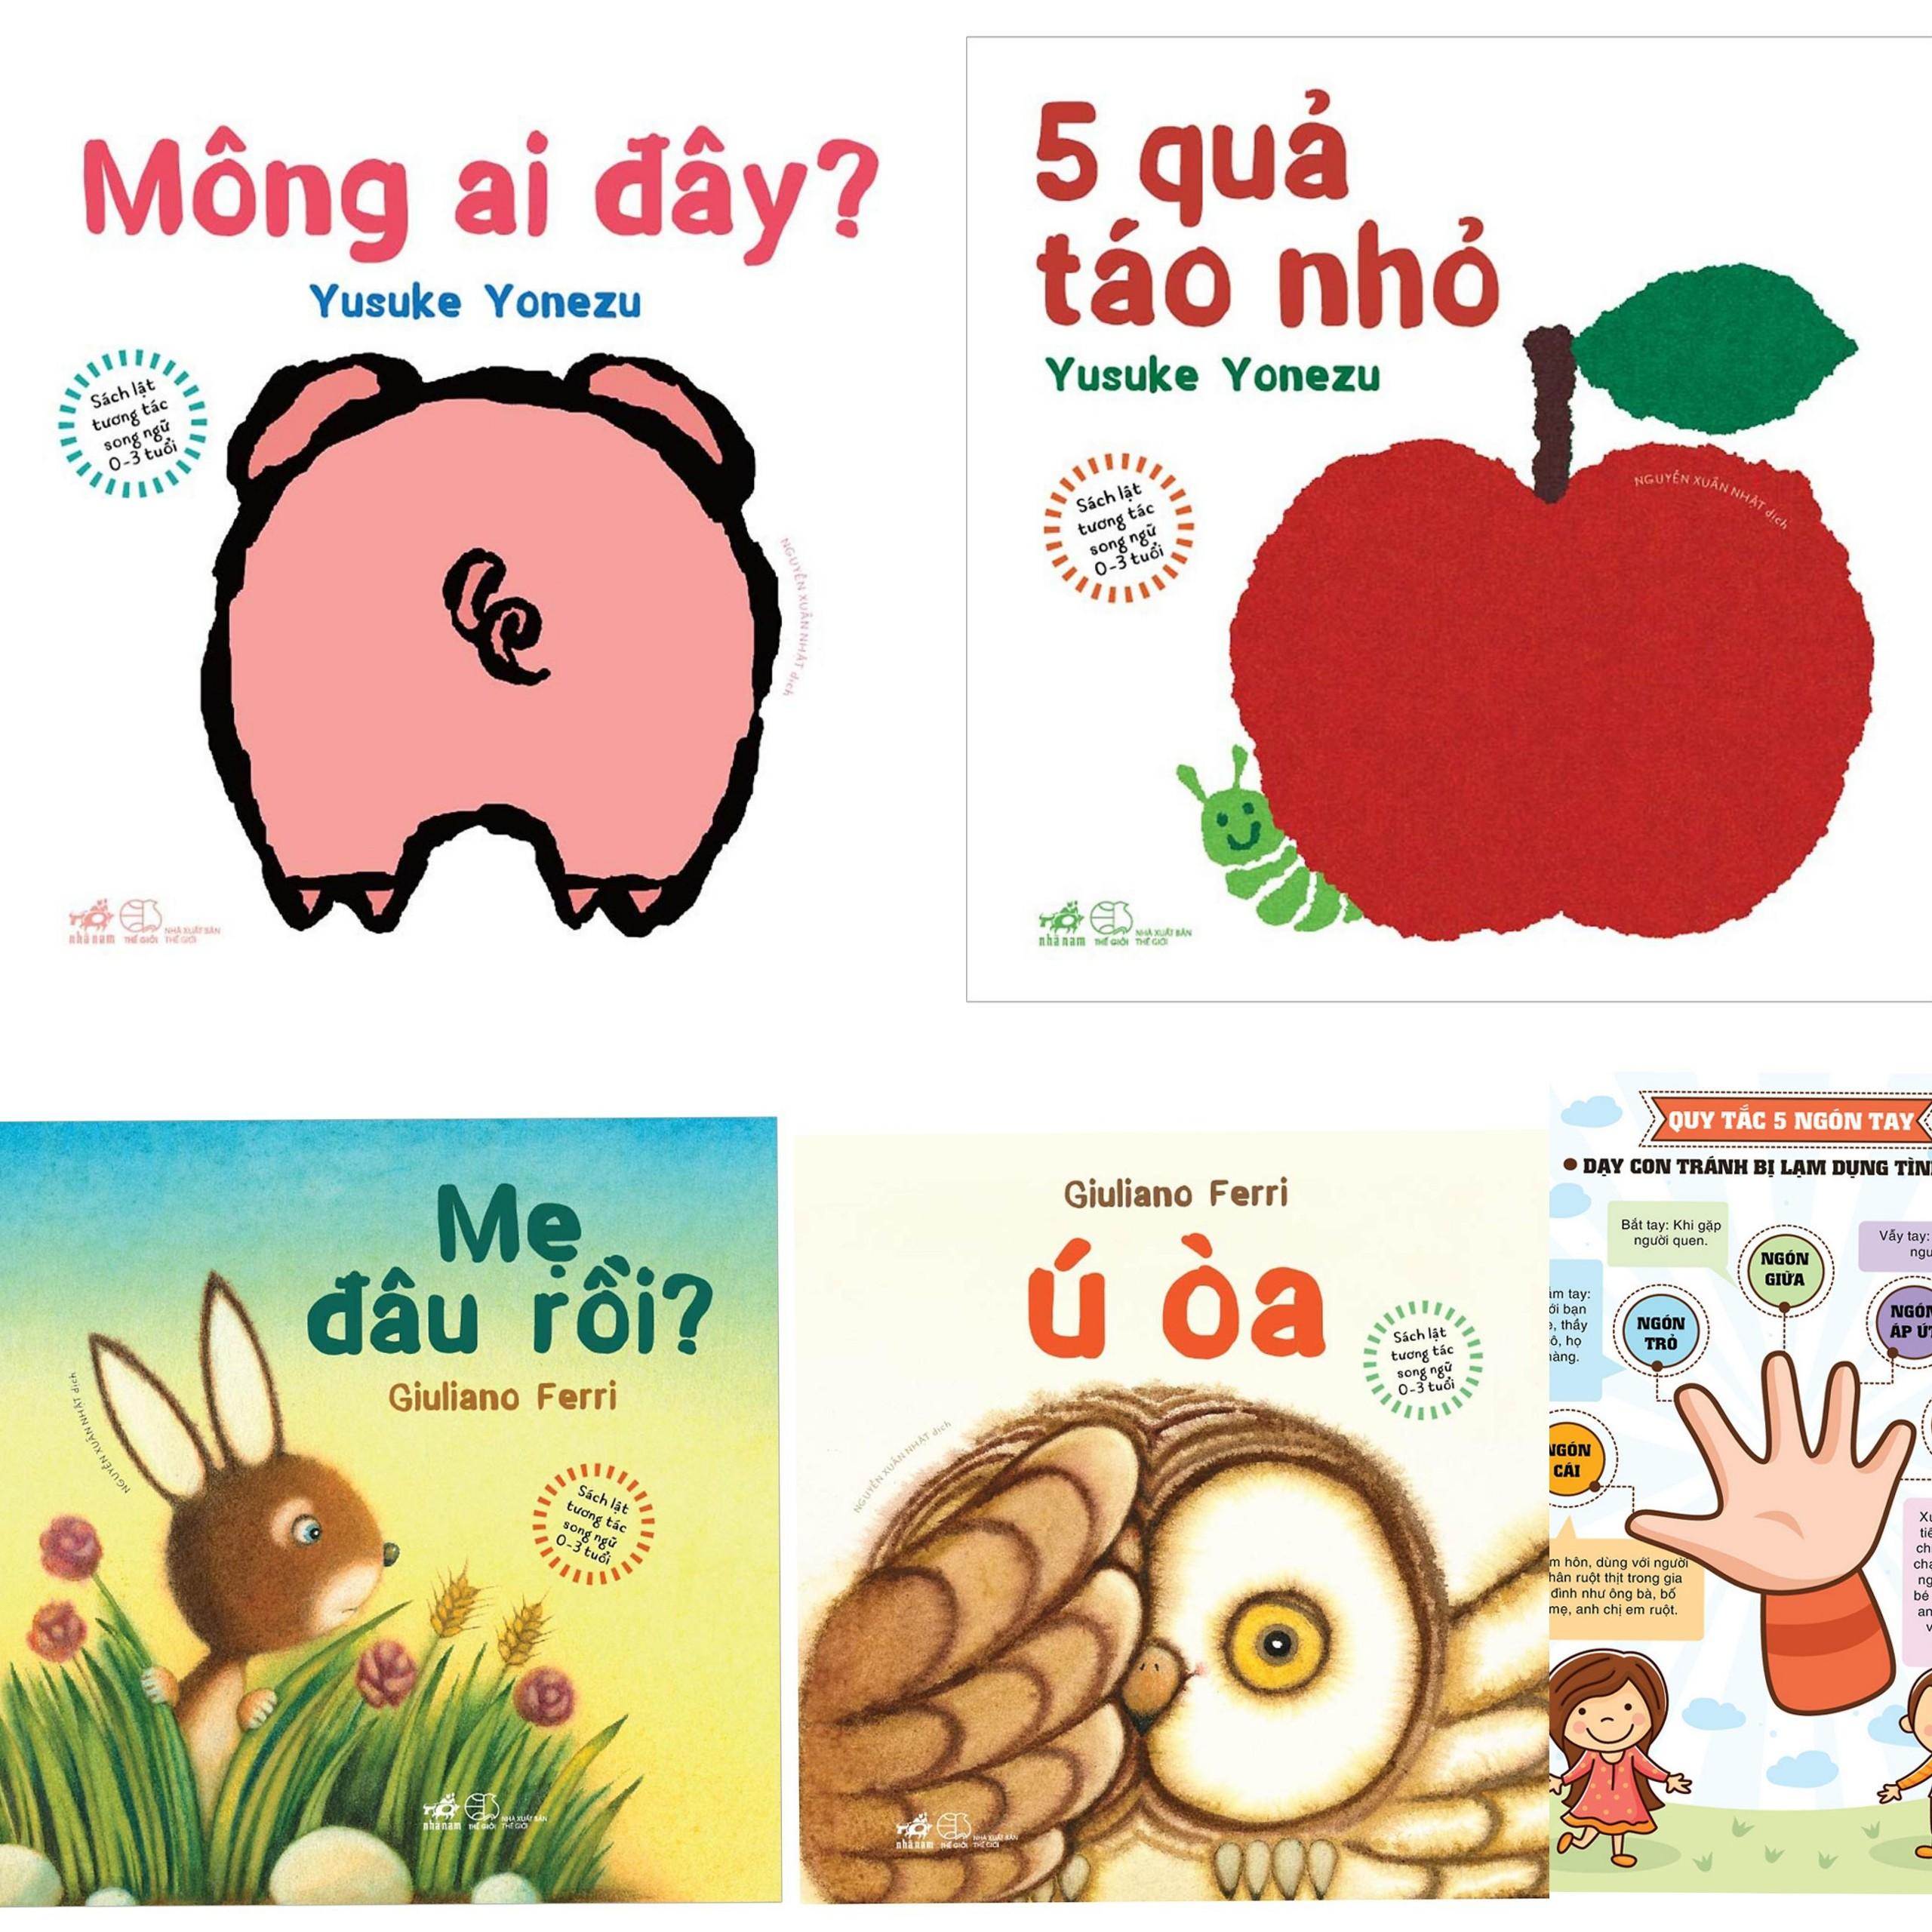 Combo Sách Lật Tương Tác Song Ngữ 0-3 tuổi: Mẹ đâu rồi + Ú òa + Mông Ai Đây + 5 quả táo nhỏ + Poster An Toàn (Sách Phát Triển Giác Quan / Trí Tuệ cho bé)